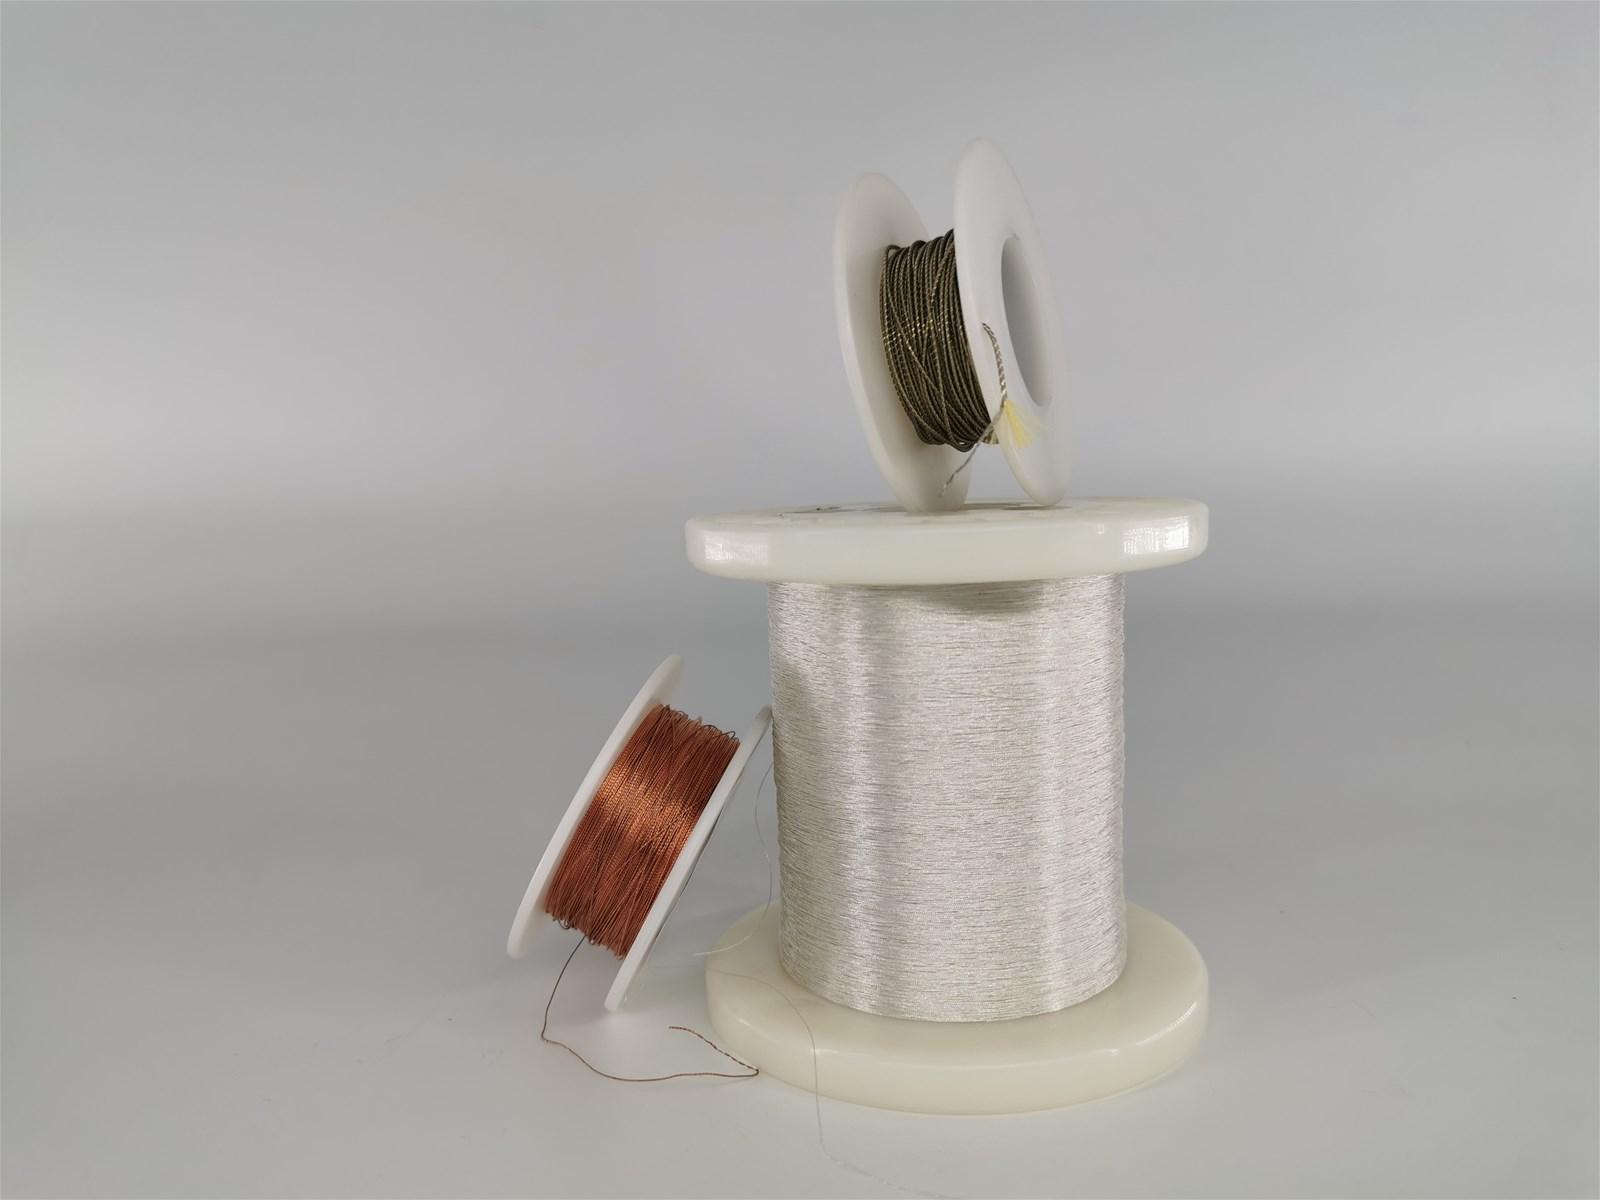 Bare copper tinned copper insulated wire